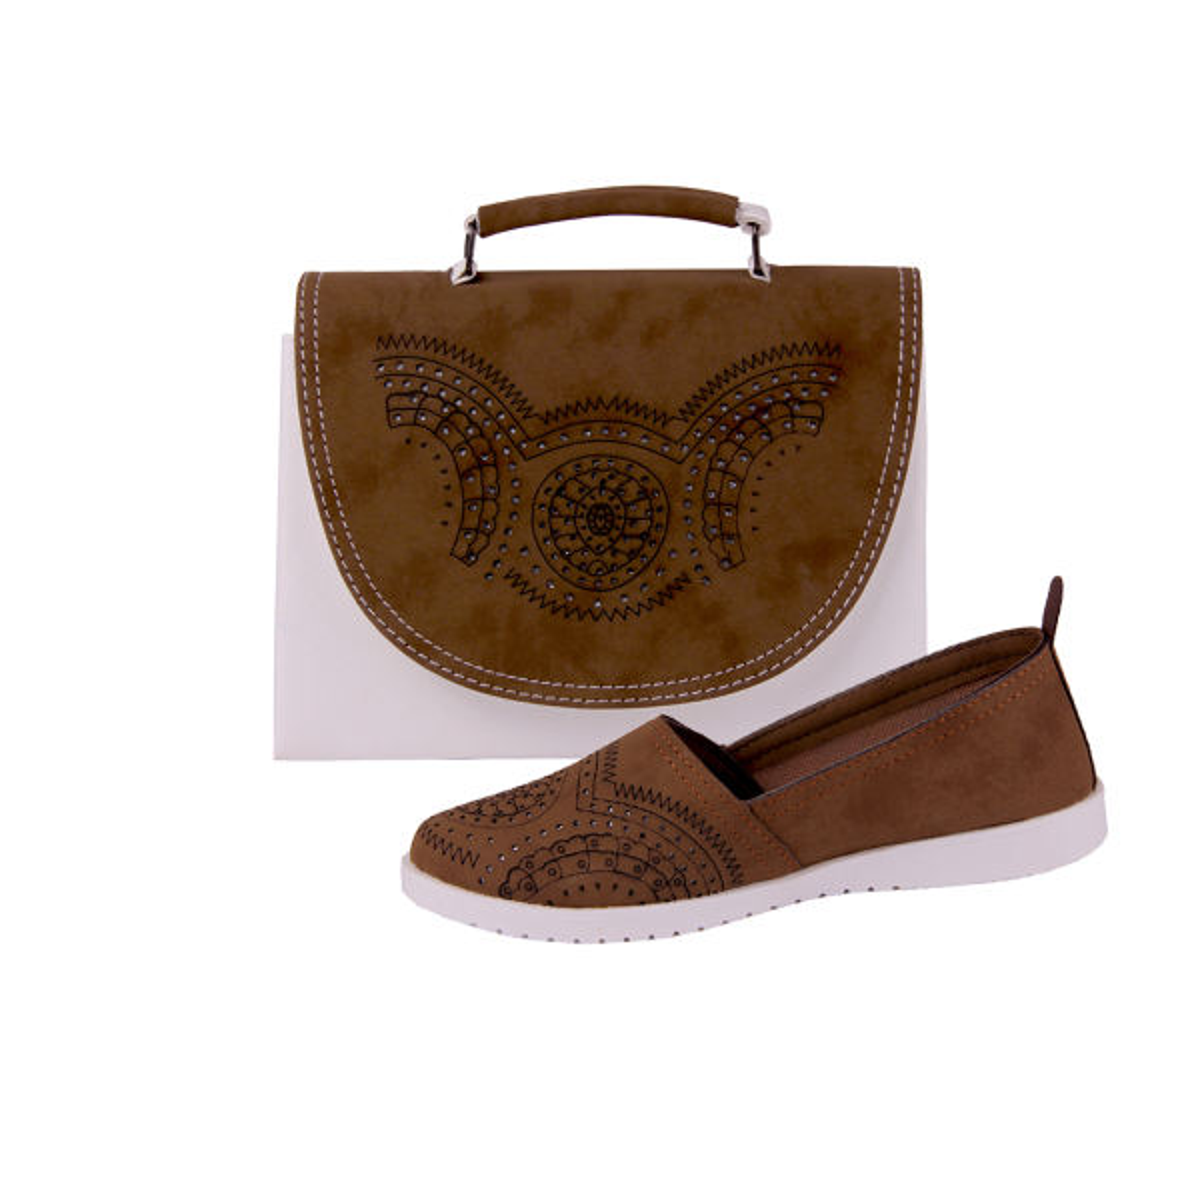 ست کیف و کفش زنانه کد 1126